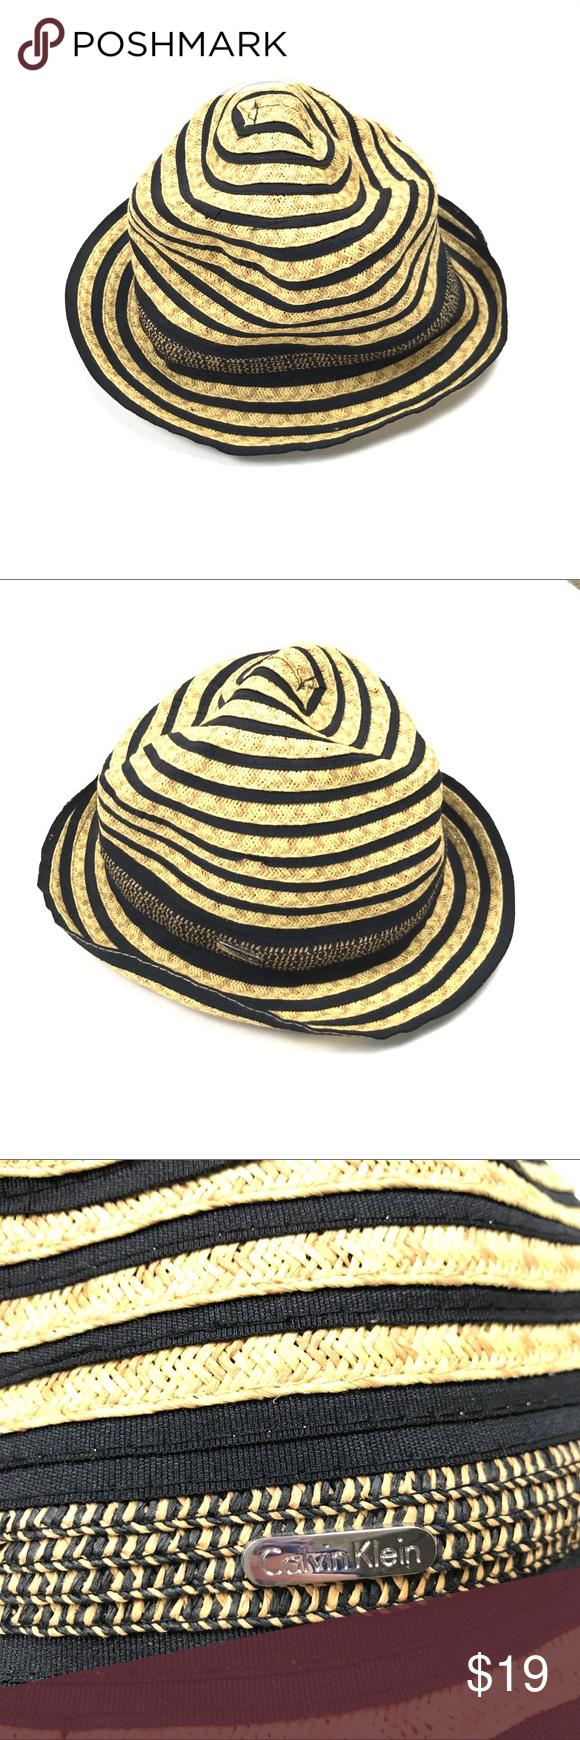 53da414319f Calvin Klein Straw Hat Tan Black Striped Fedora Calvin Klein Straw ...